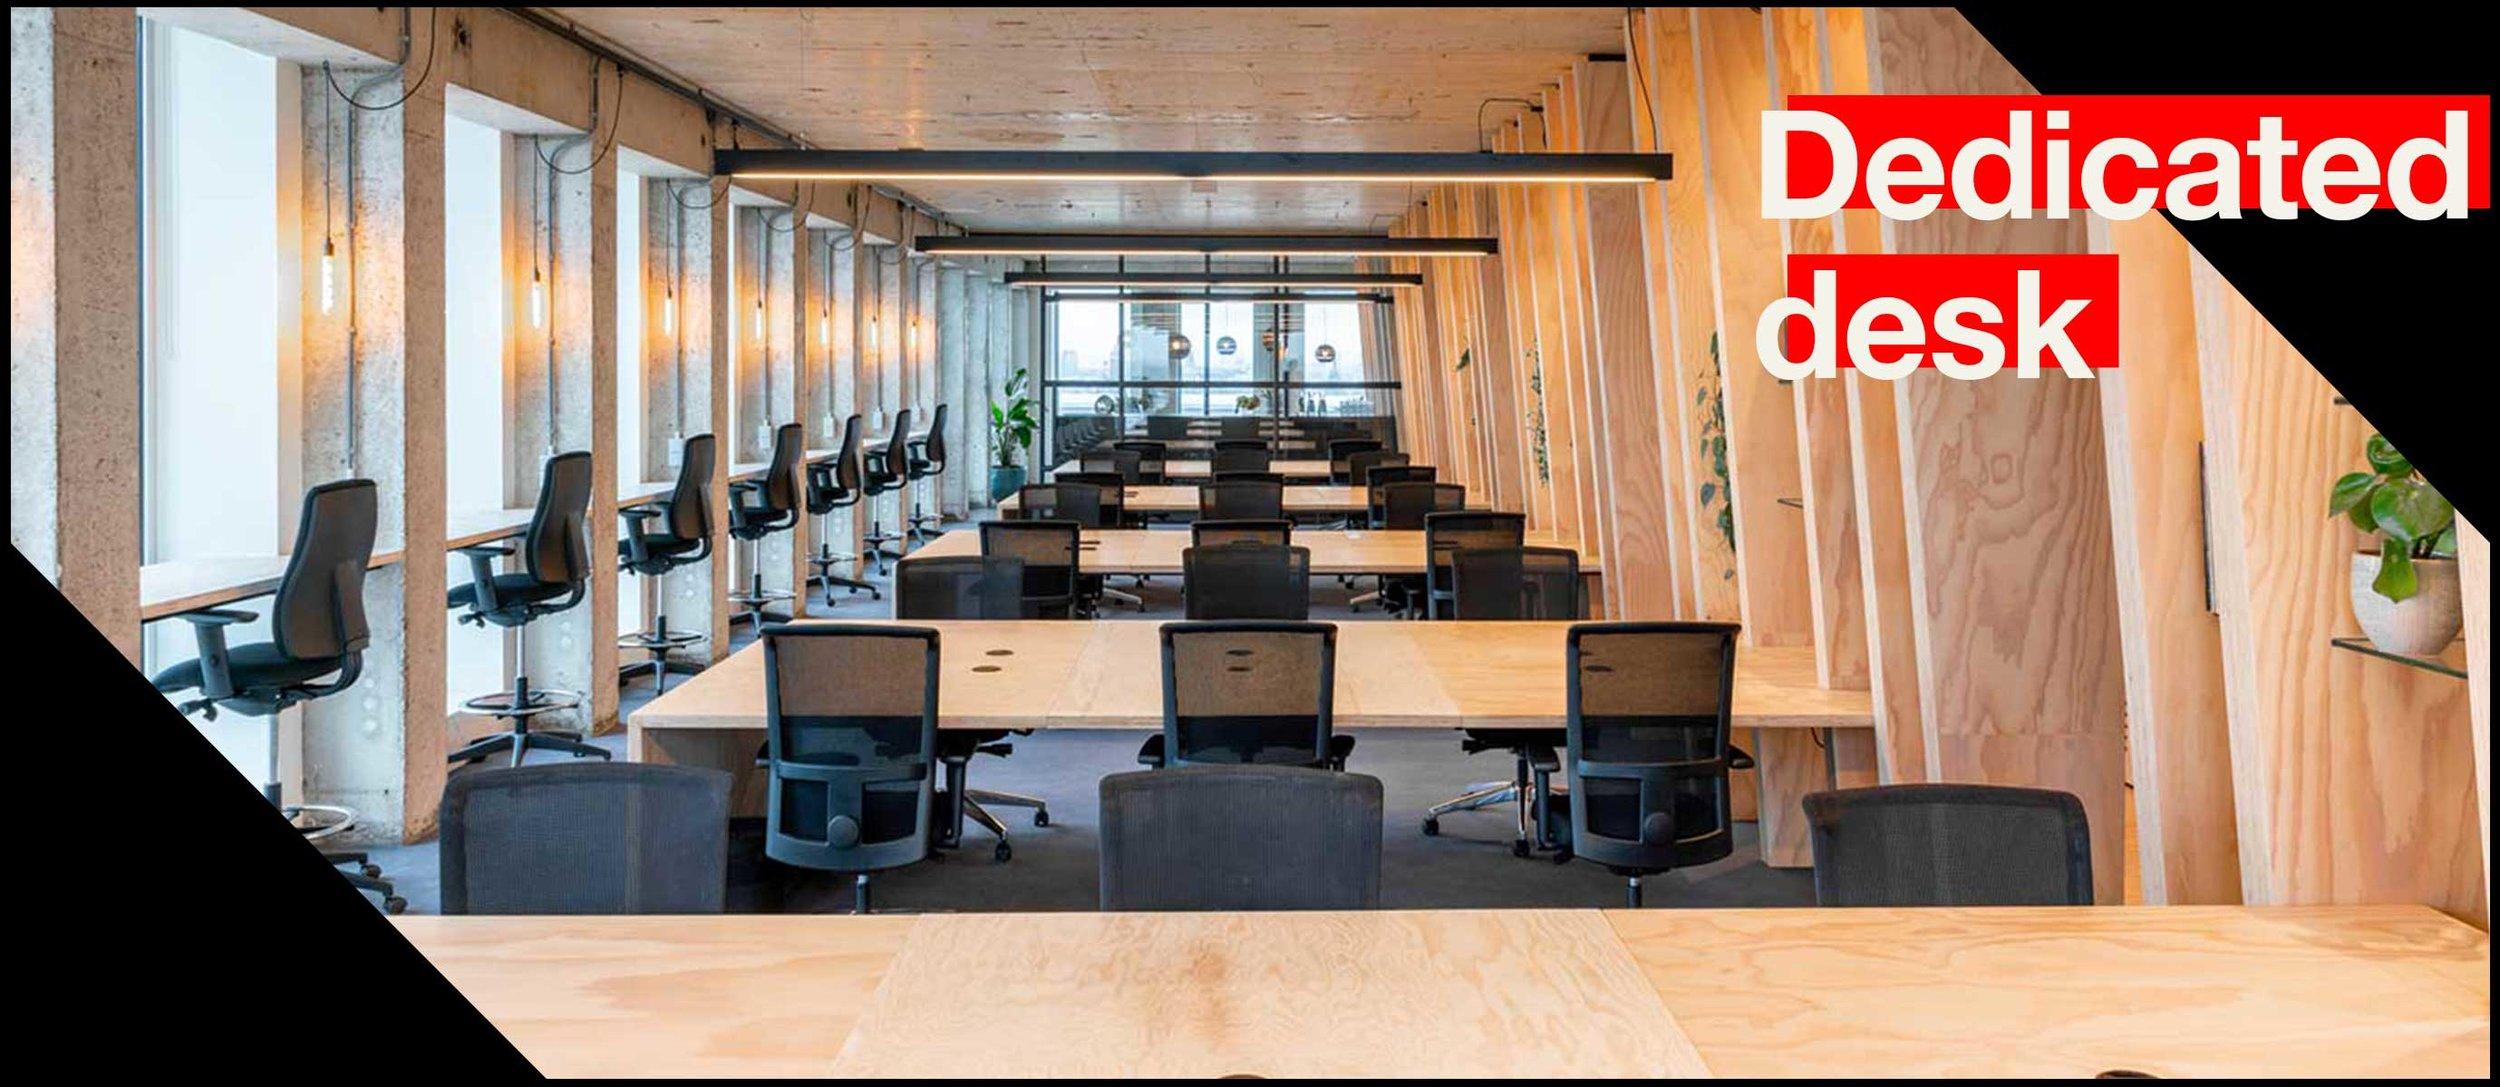 Fixed workplace with private desk. - De Dedicated desks zijn gelegen op de 10e verdieping van de A'DAM Toren. Deze vaste plekken bieden een verbluffend 180 graden uitzicht over Amsterdam & zijn ideaal als je alleen of met jouw team elke dag verzekerd wil zijn van een eigen bureau. De kosten voor dit membership zijn €395,- per maand (excl. btw).